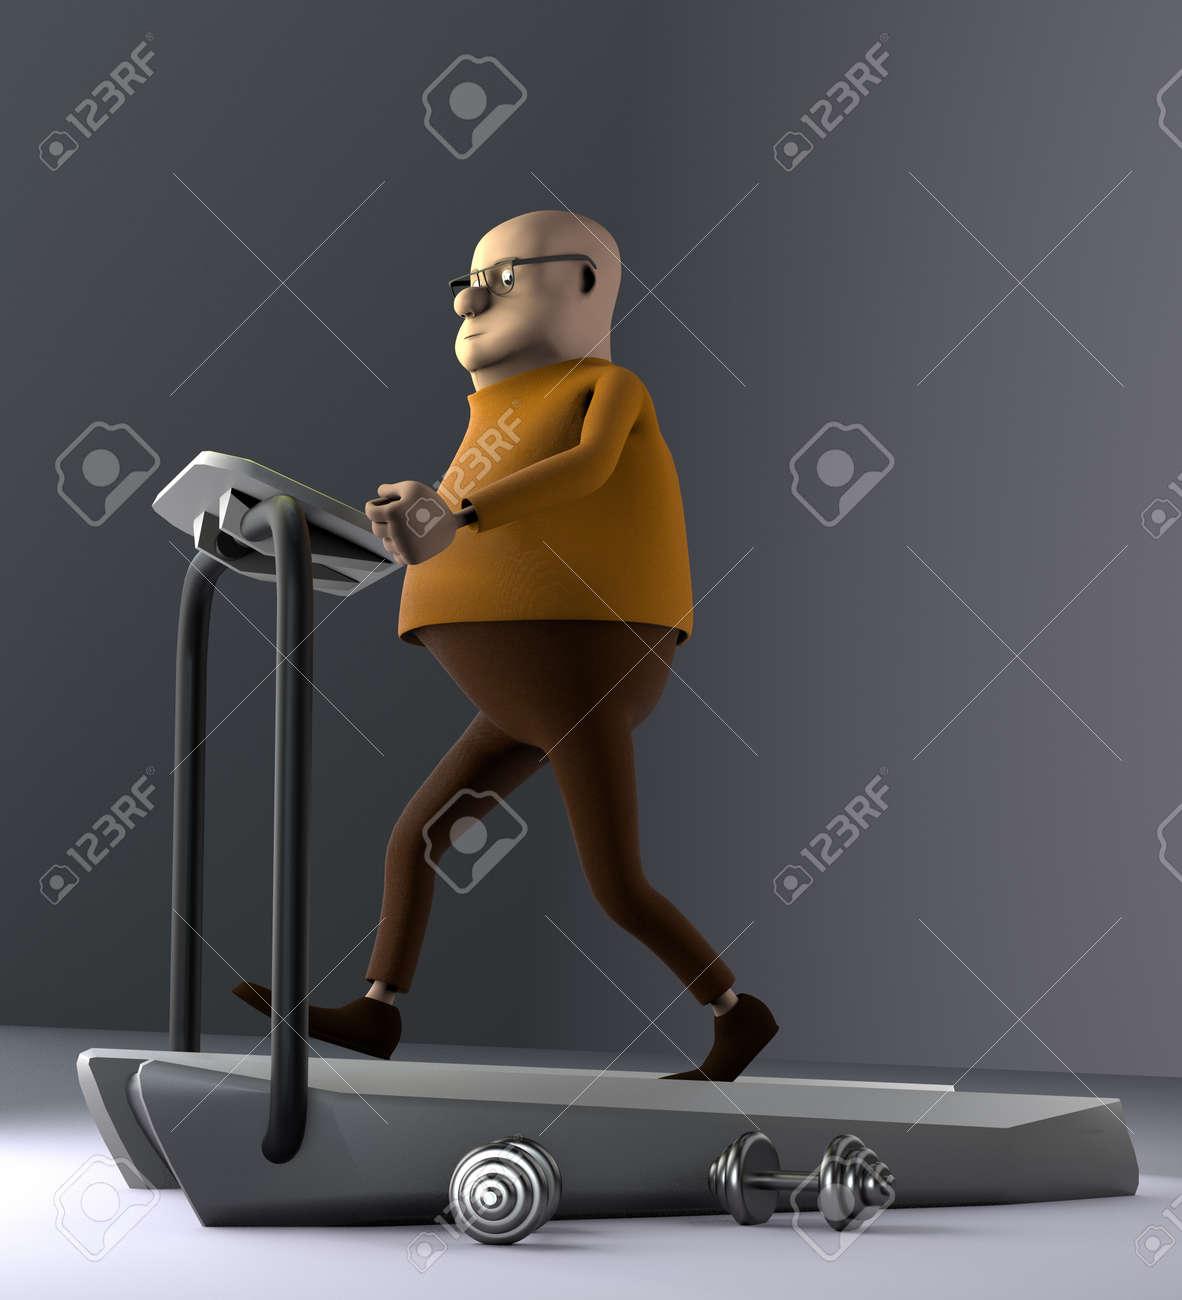 The man running on a treadmill, 3d render. - 155169174